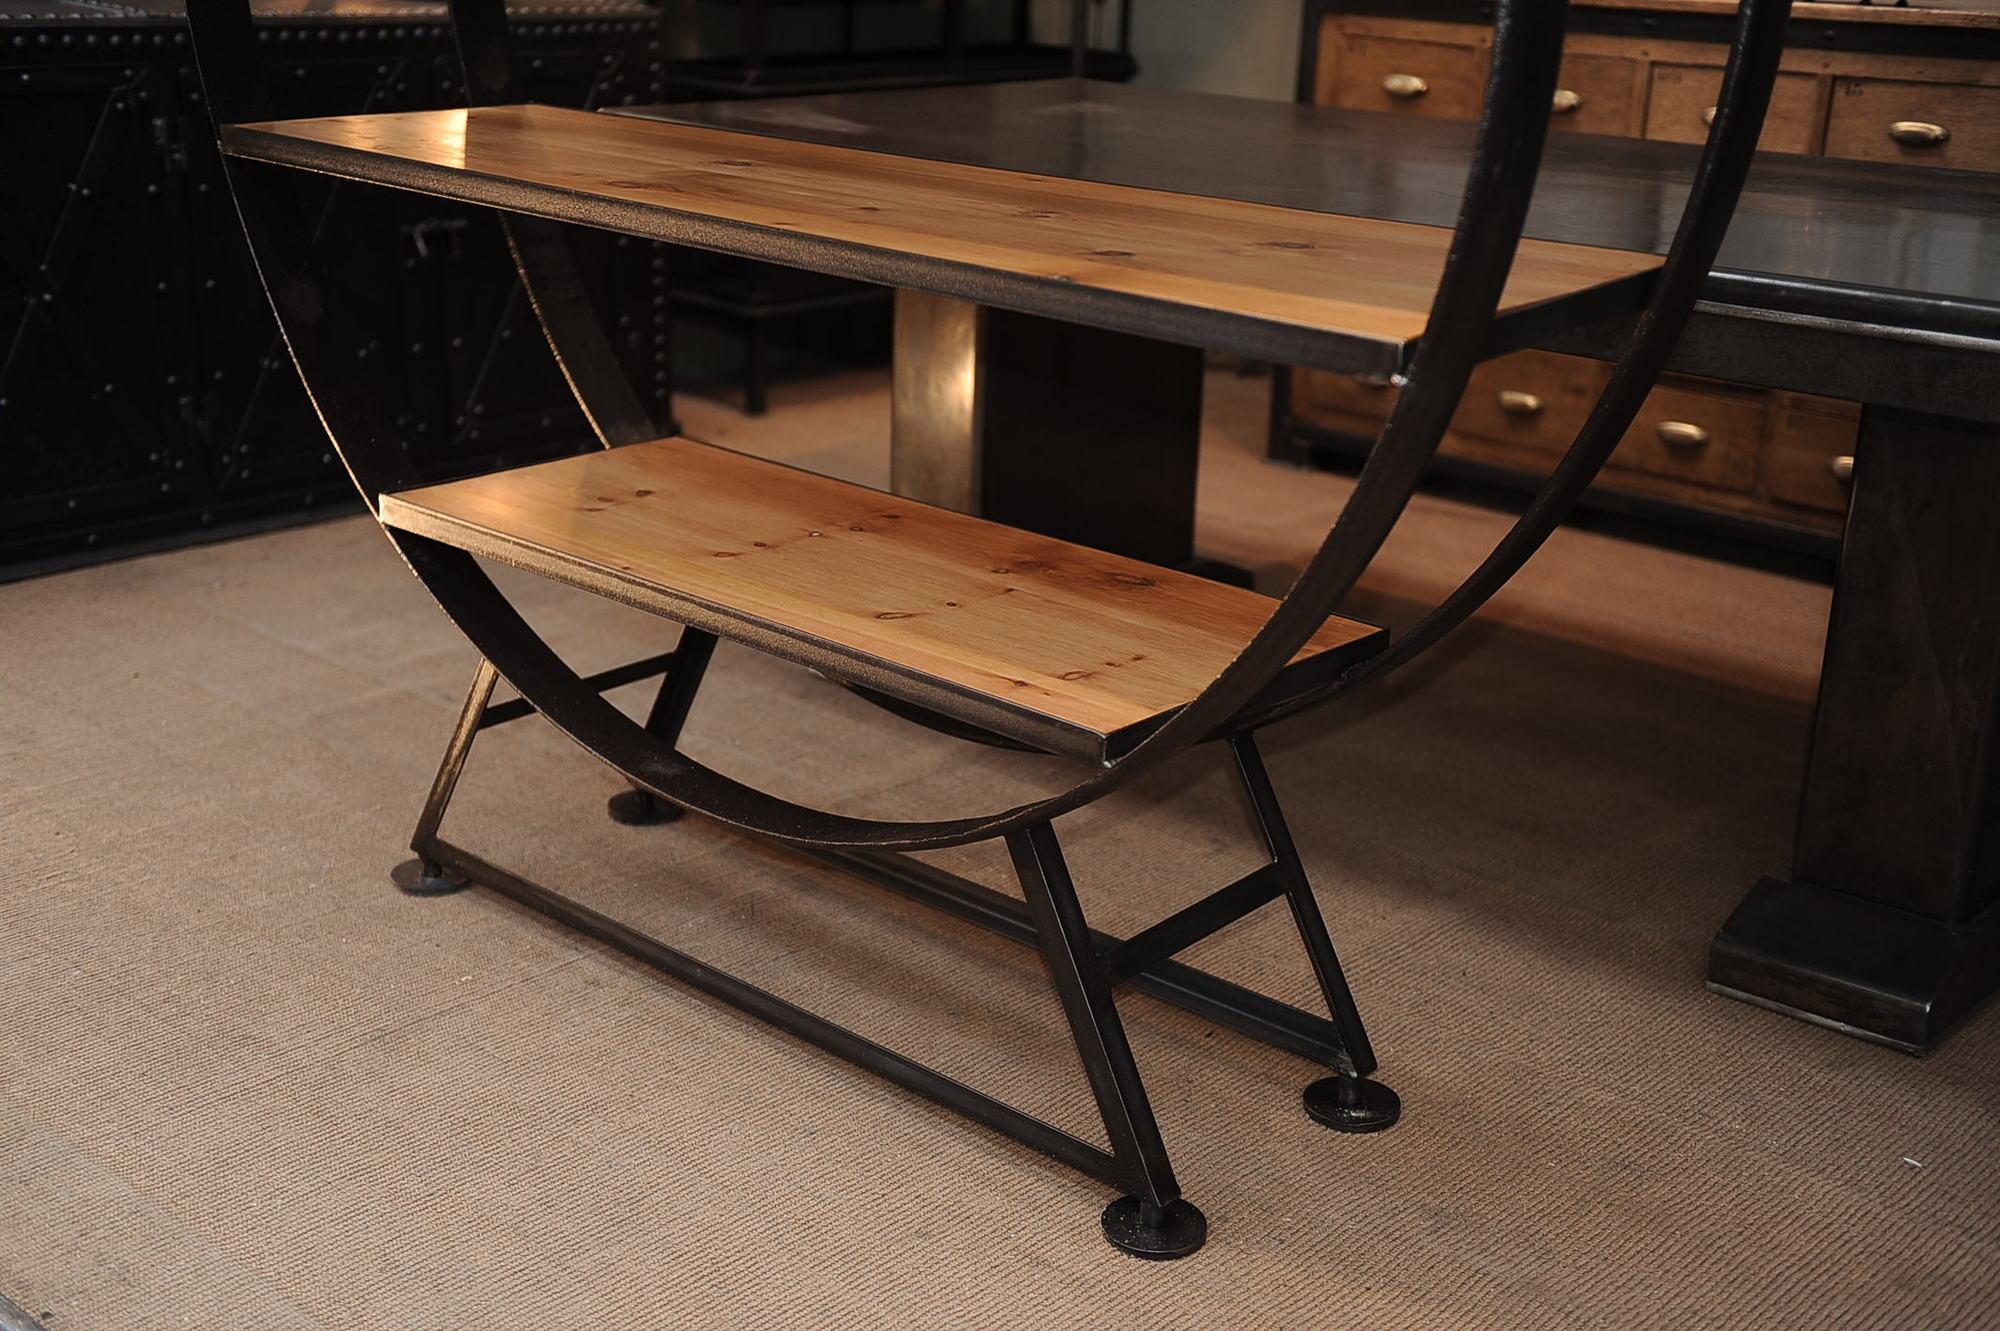 фото стола из металла и дерева брюнеткам шоколадная